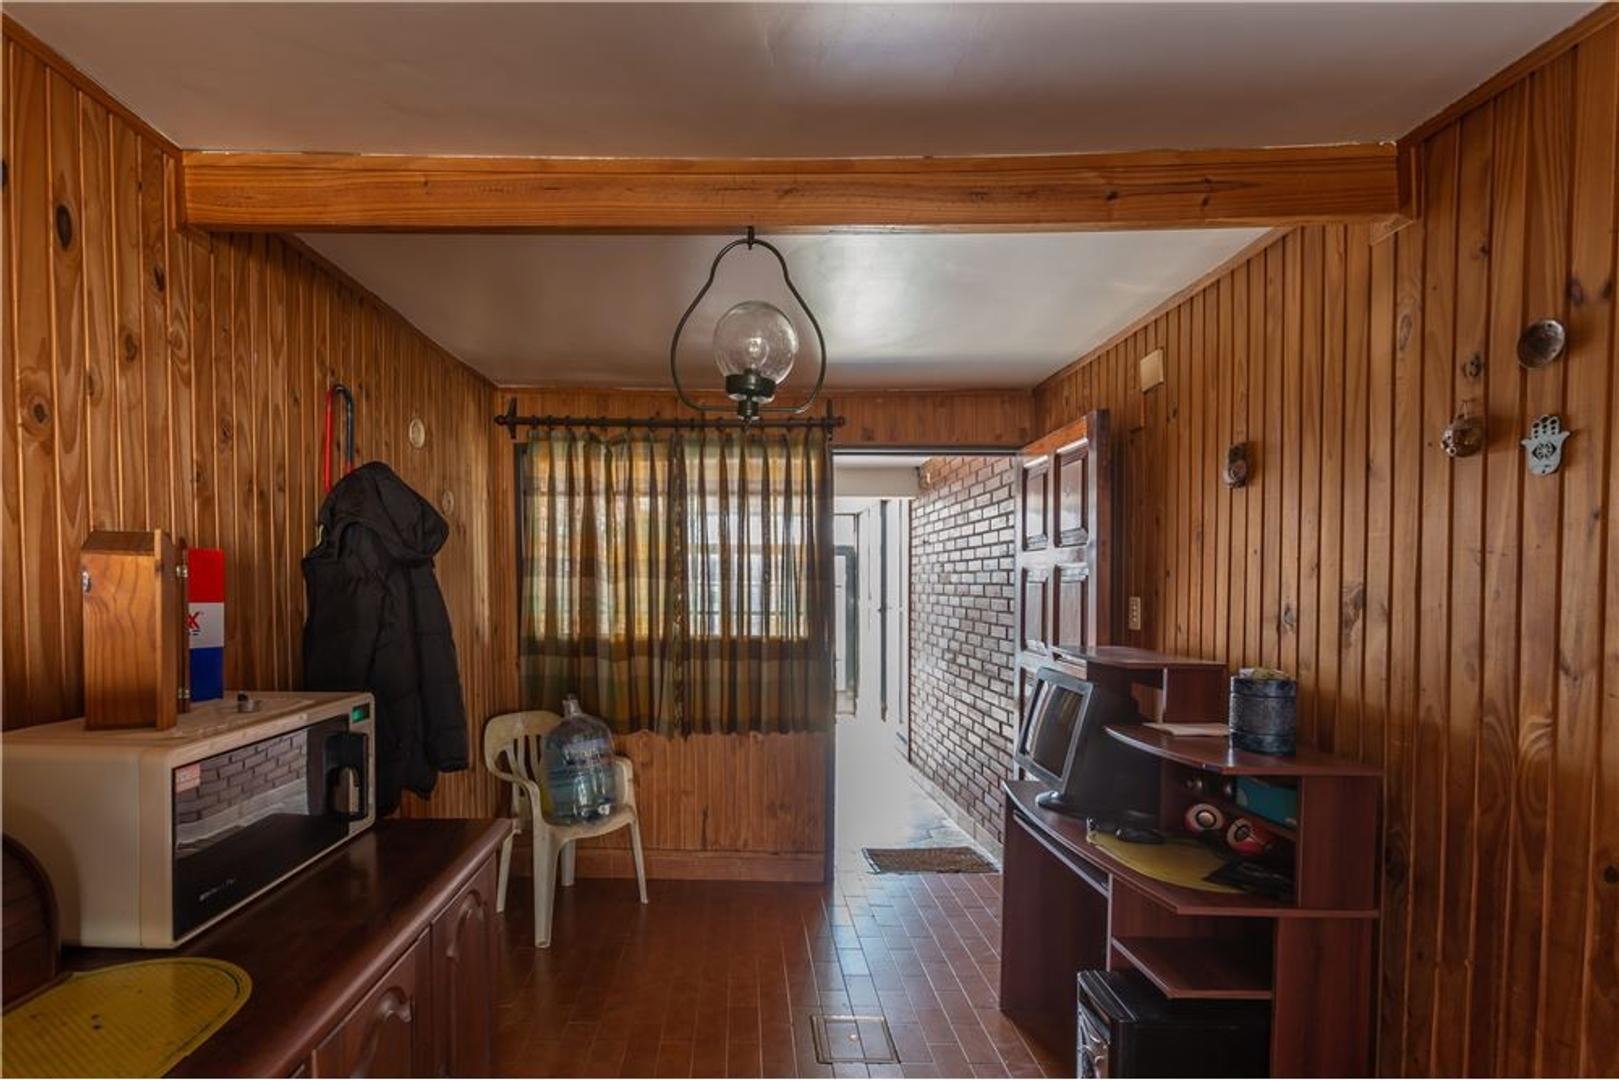 Manuel Gomez Carrillo 2829 -  Barrio Los Naranjos  - 7 ambientes con cochera